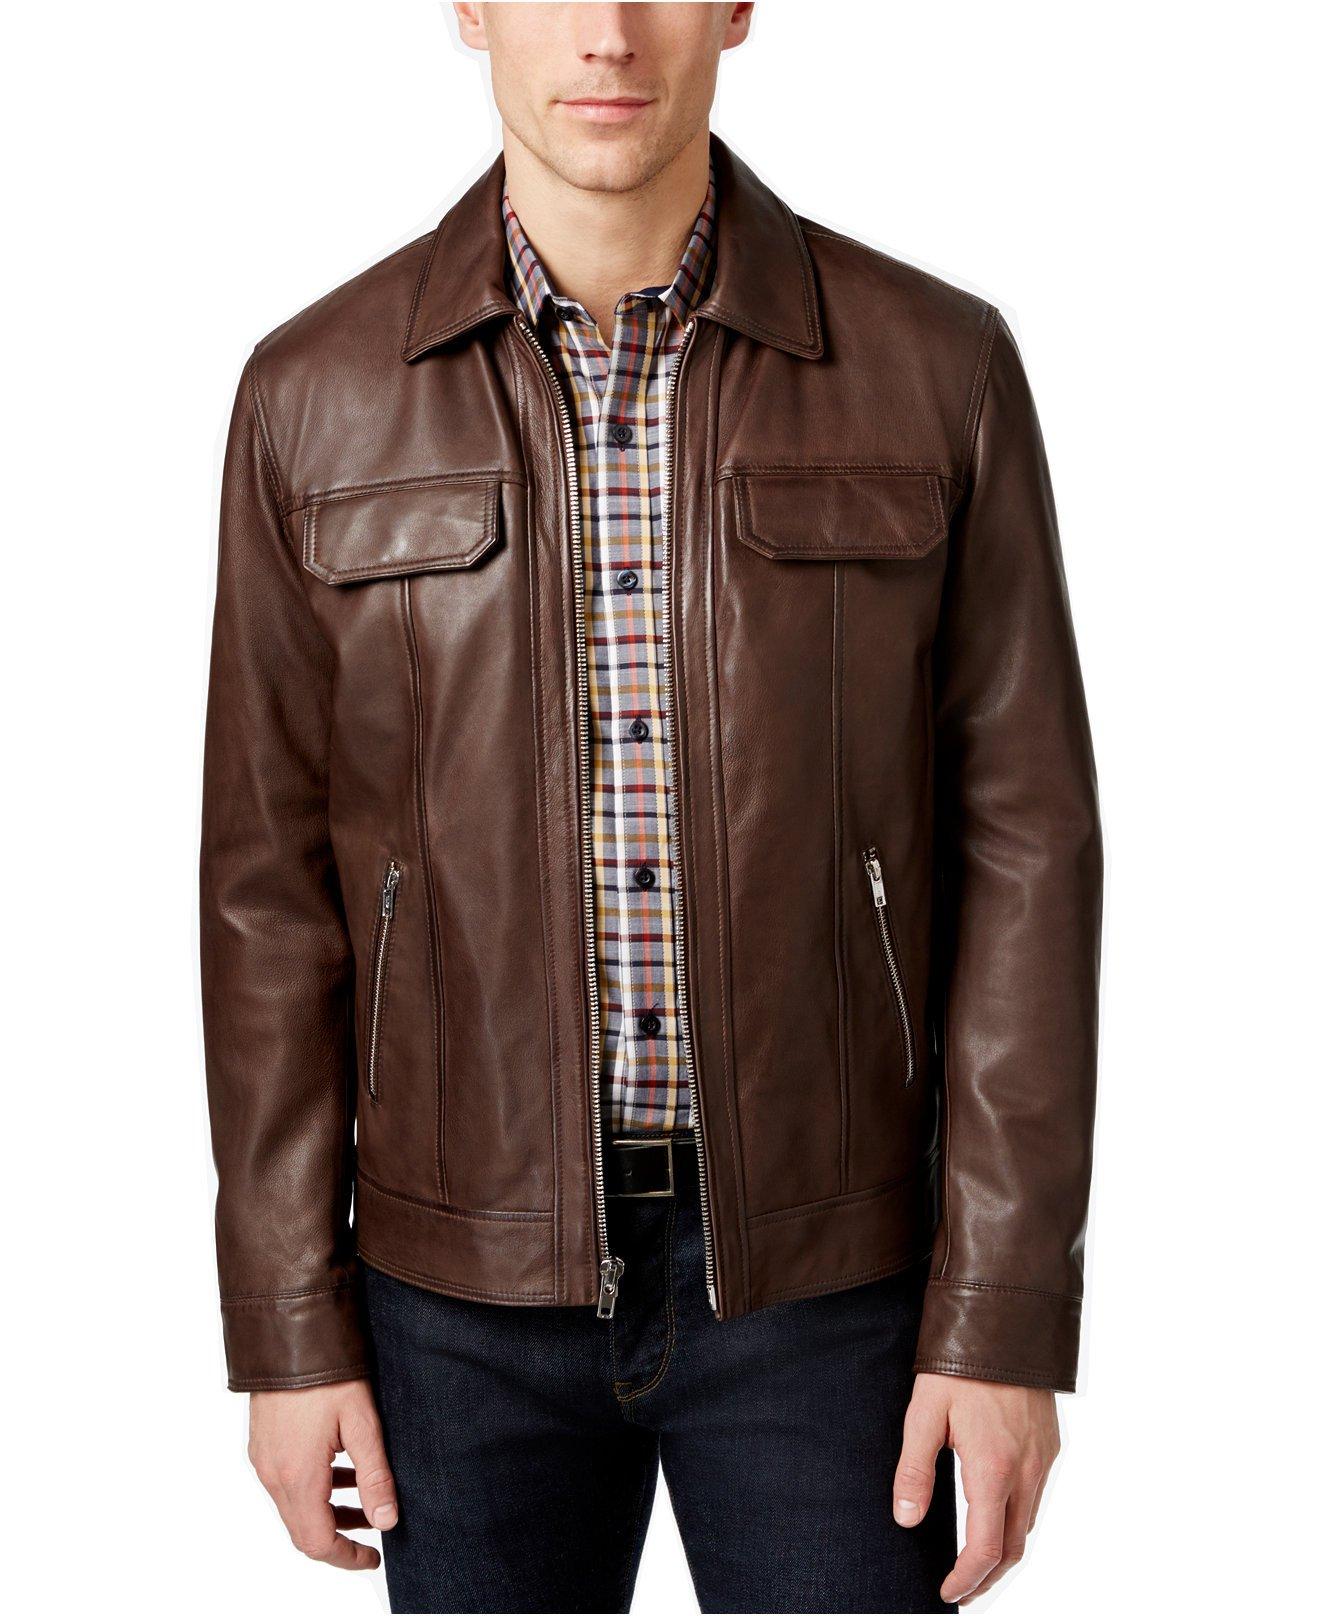 Tasso Elba Men's Leather Jacket (XL, Dark Brown)